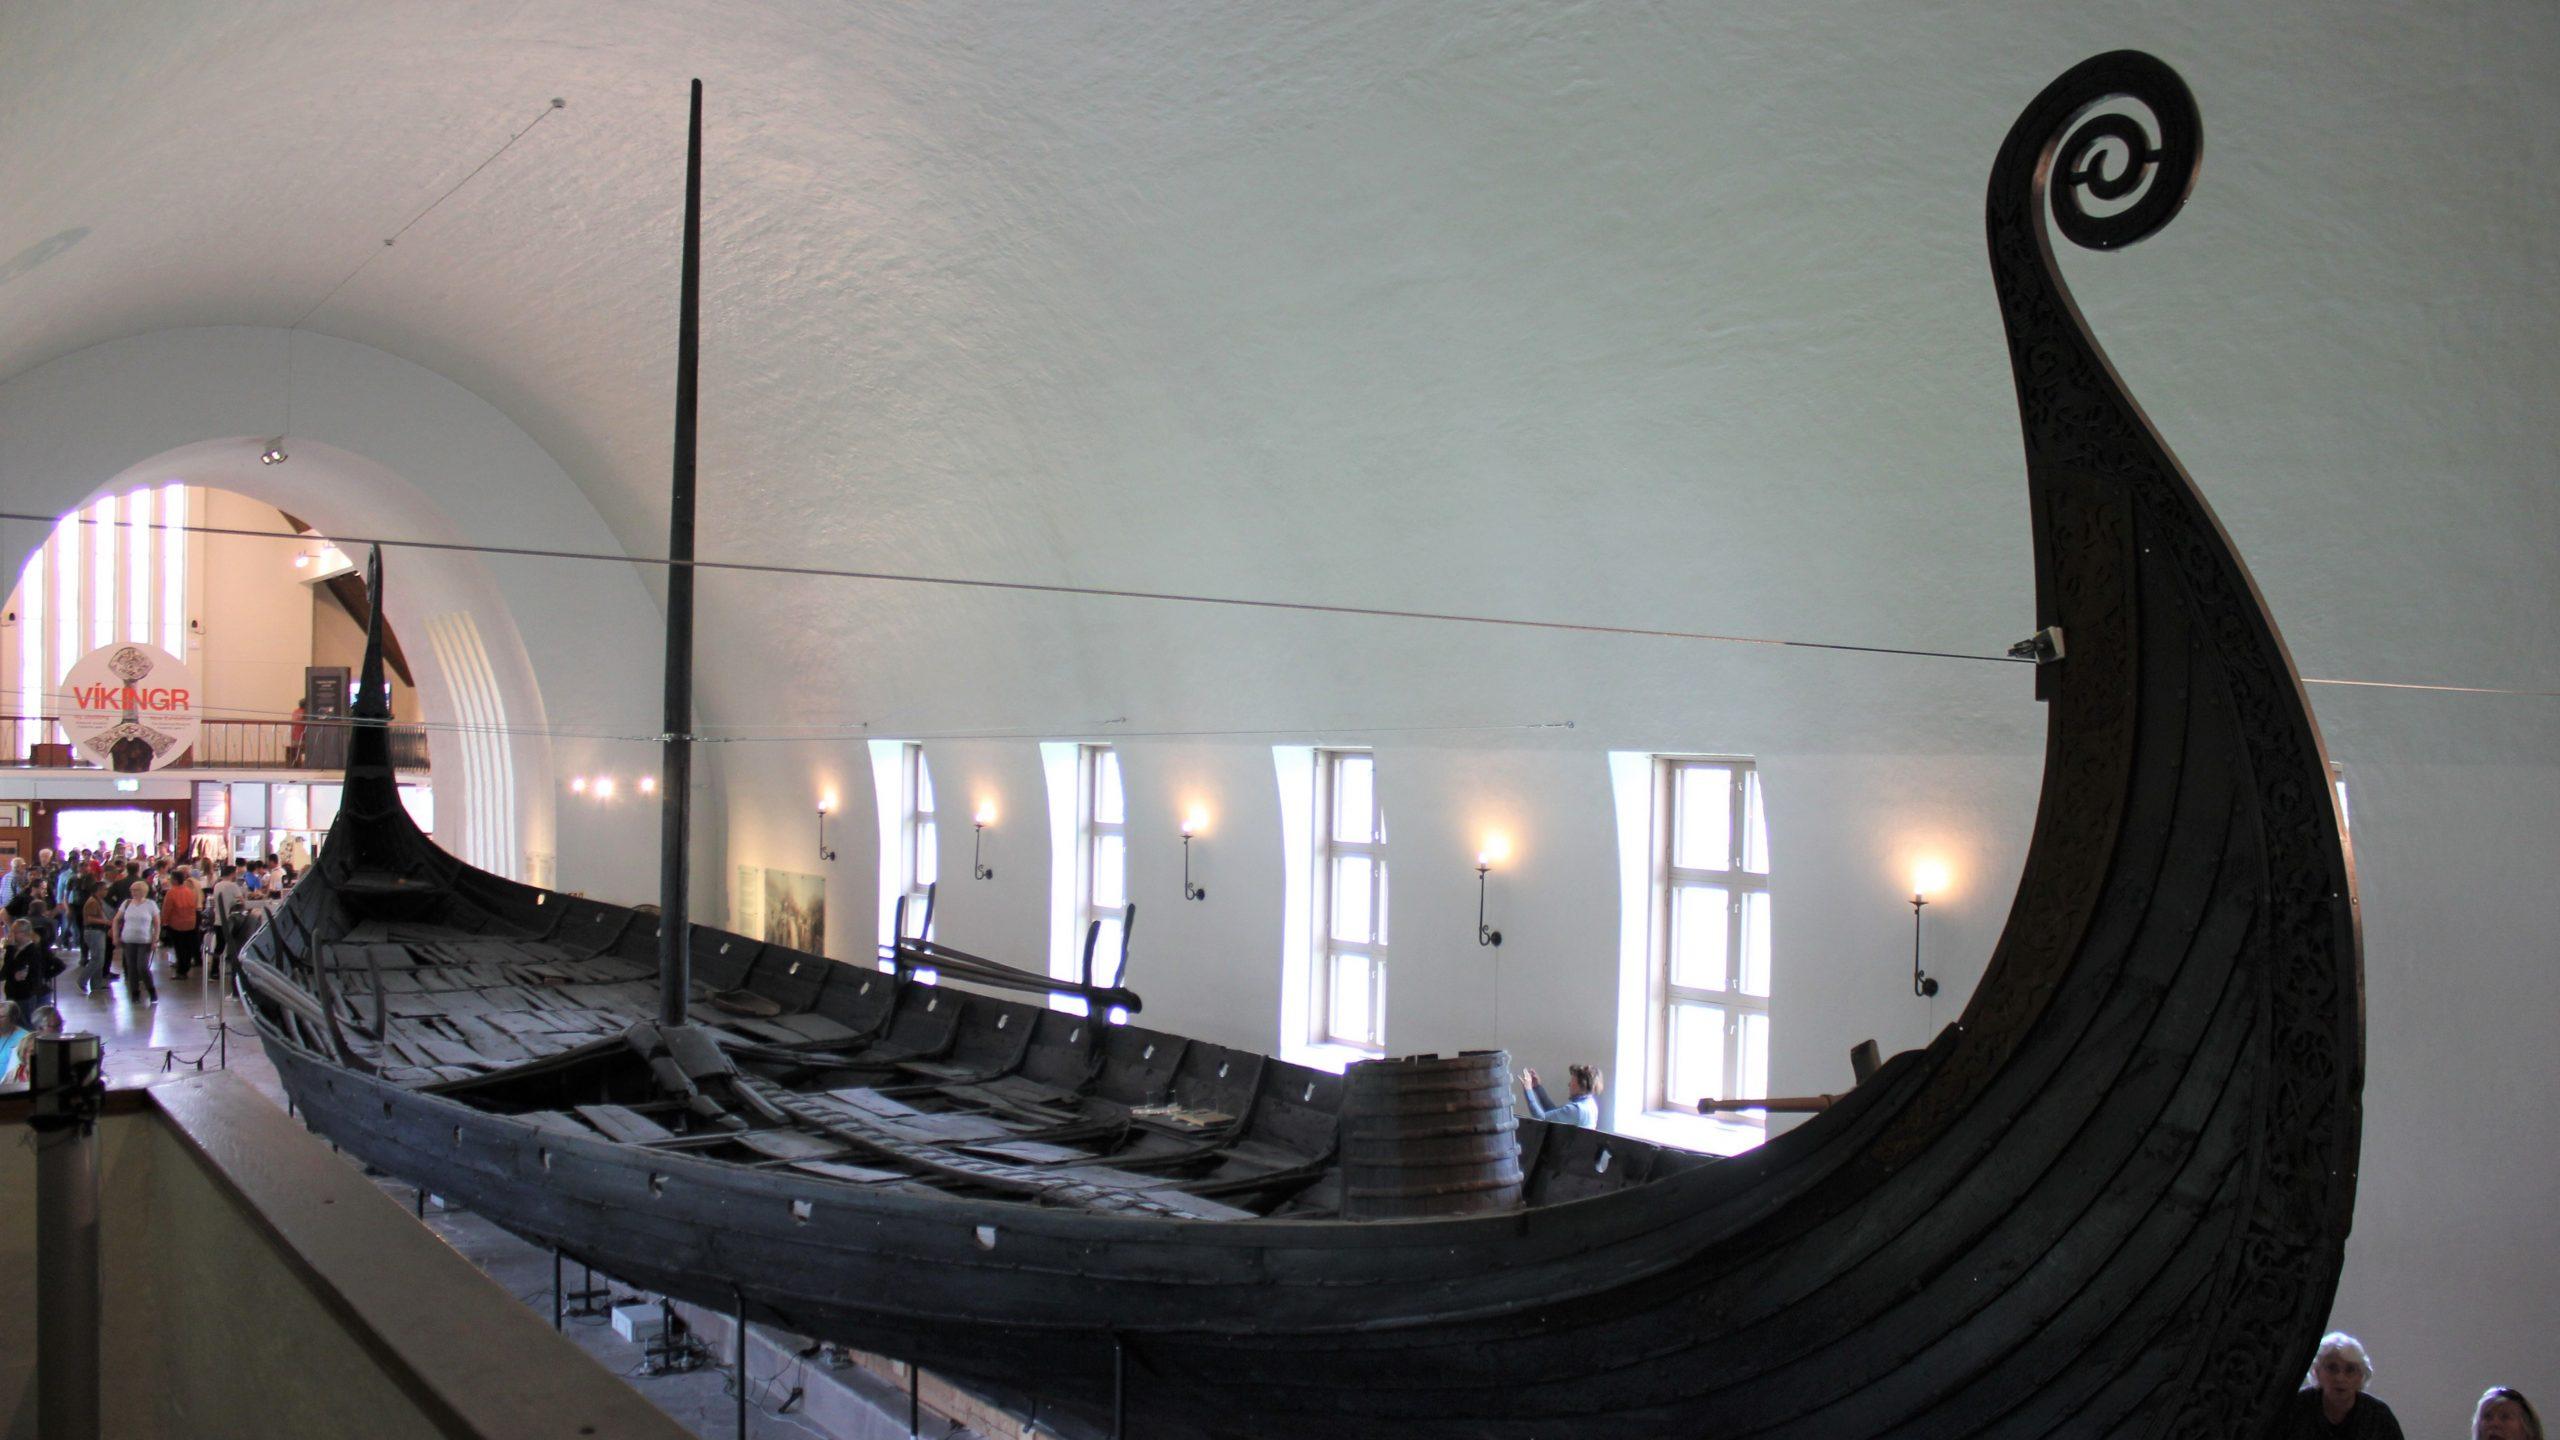 Bilde viser Osebergskipet i Vikingskipshuset på Bygdøy. Foto: Øyvind Aase Fluge, Riksantikvaren